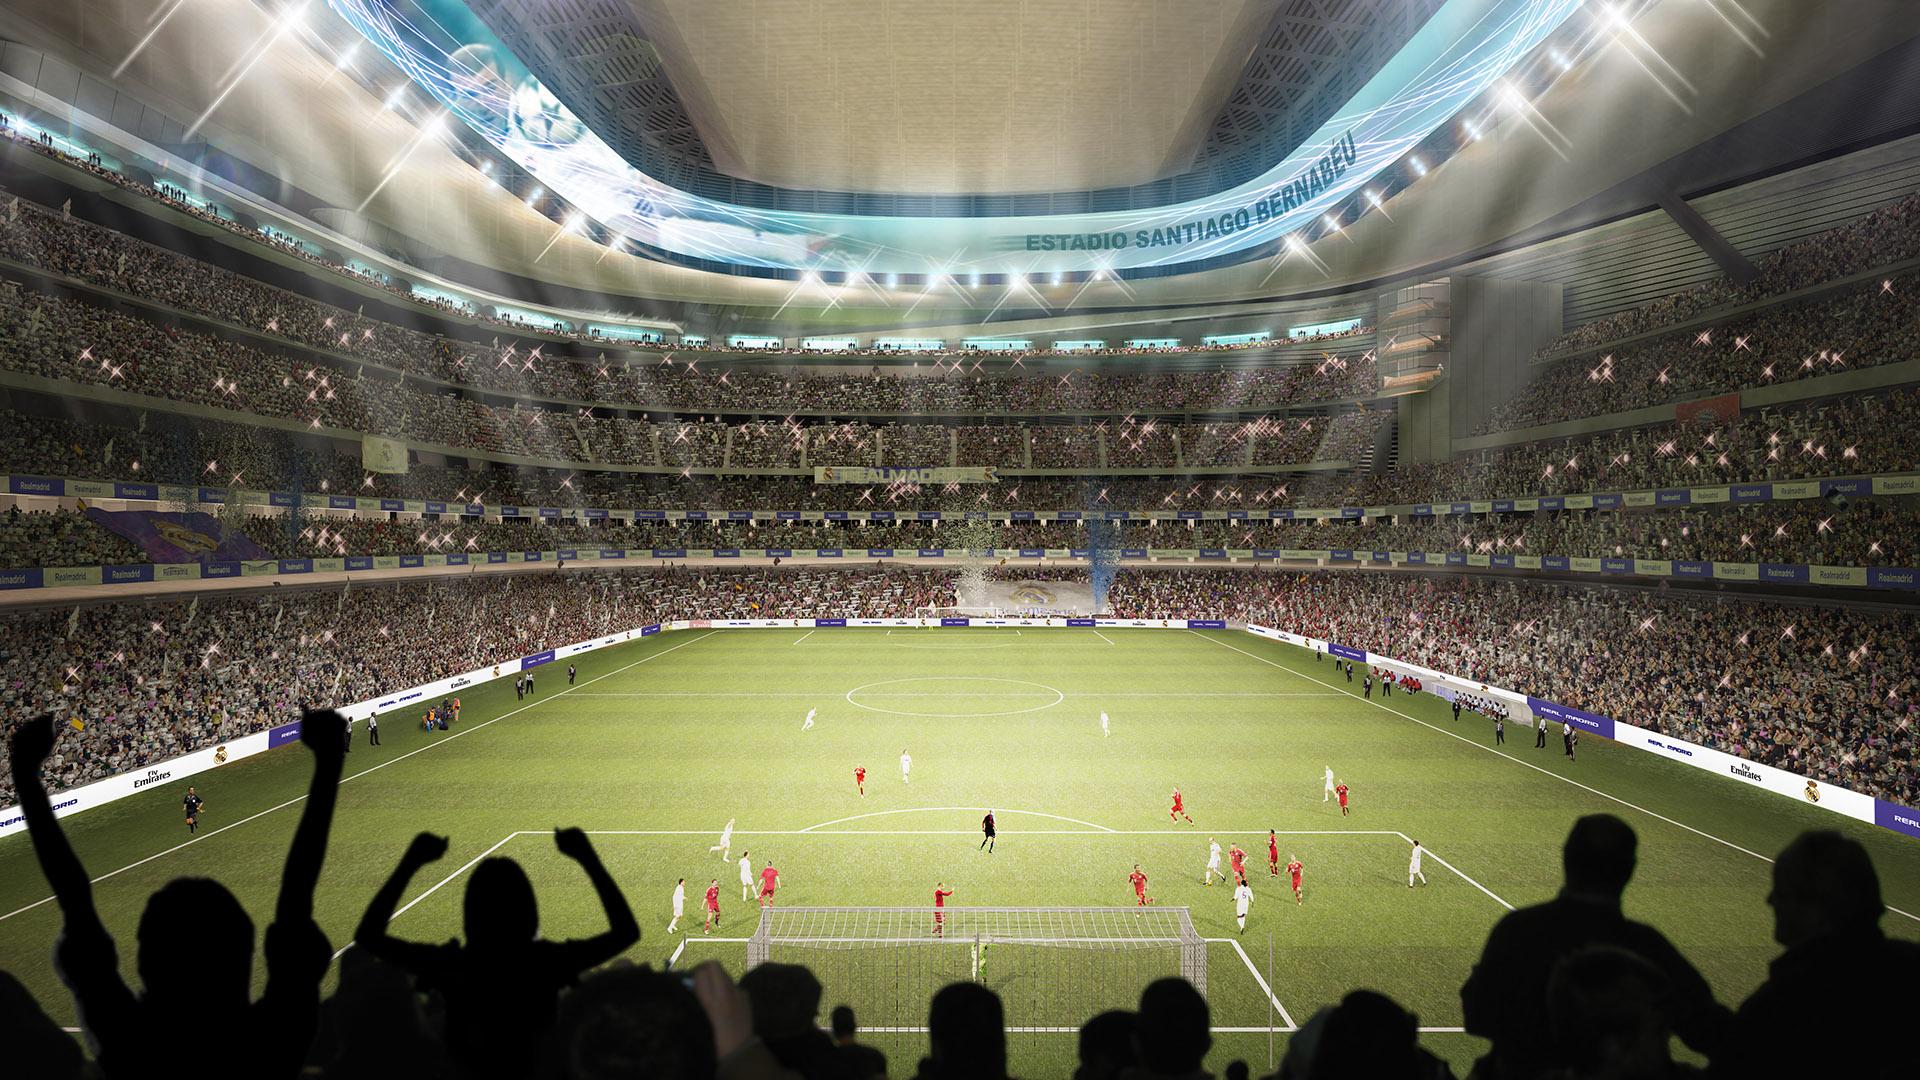 novi-izgled-stadiona-real-madrida-11